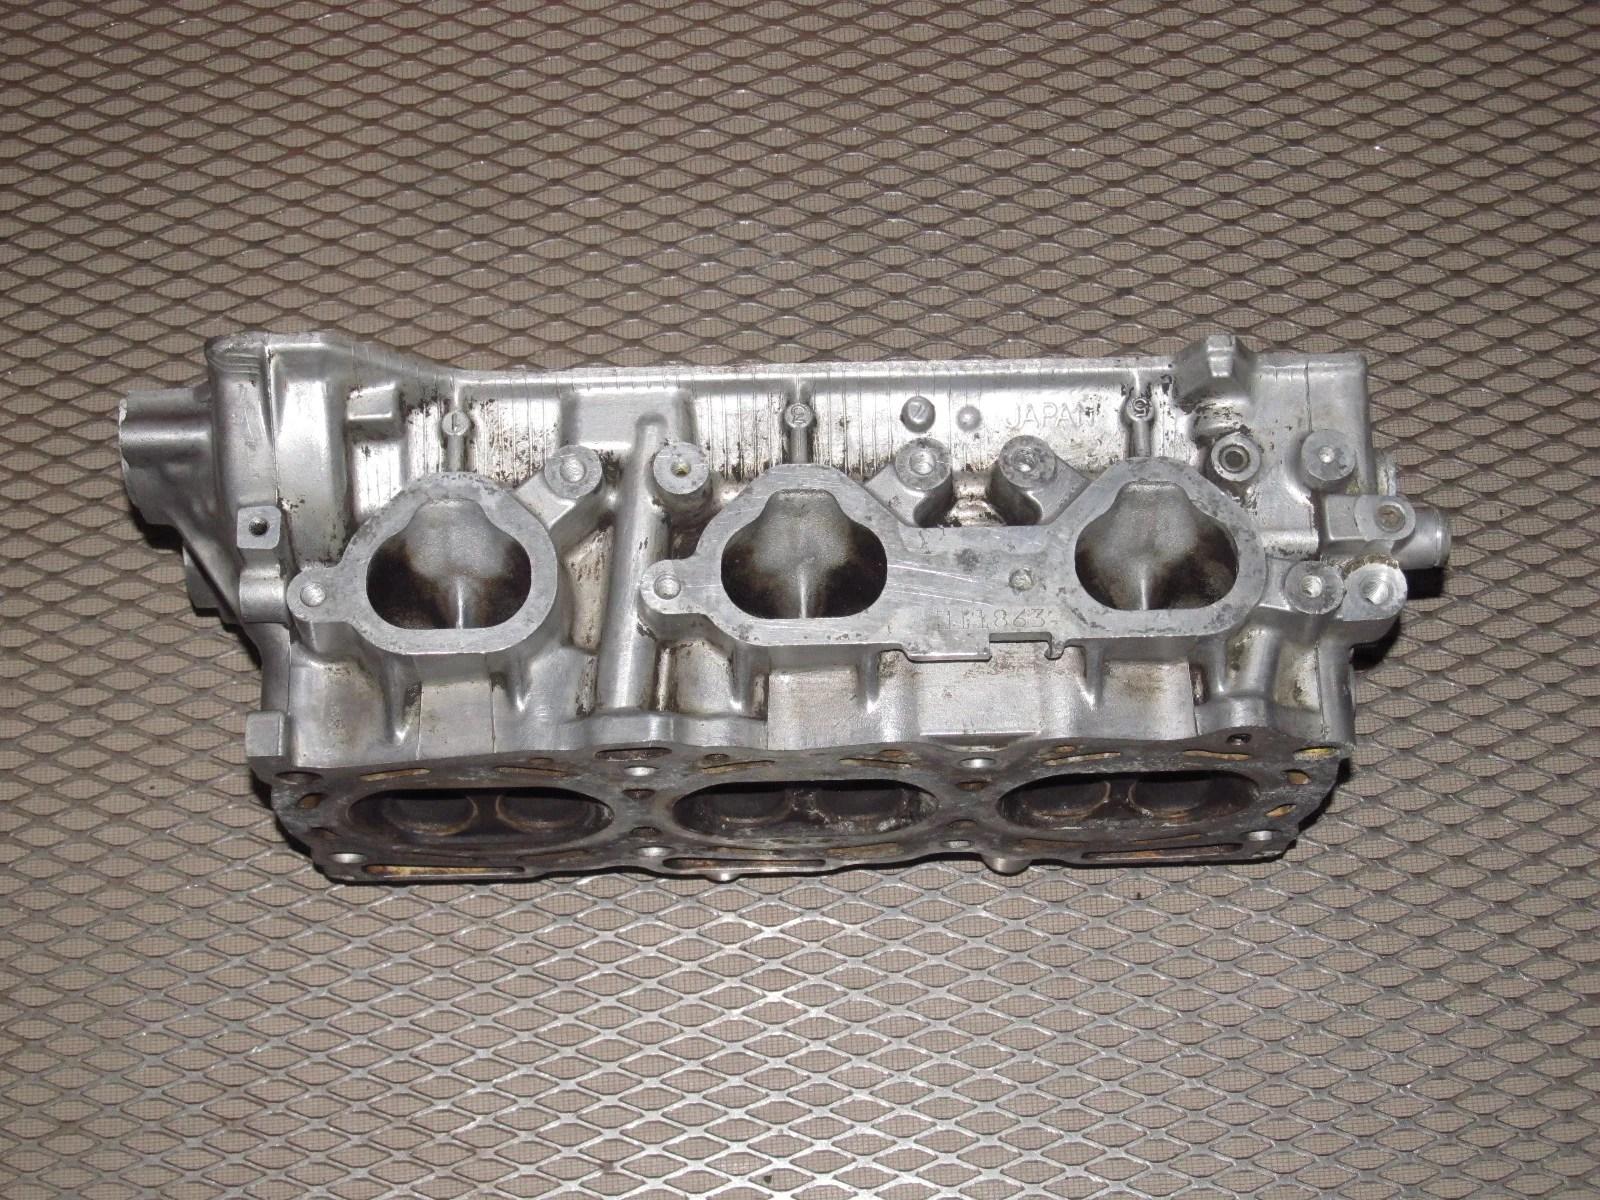 92 93 94 95 96 97 subaru svx 3 3l oem engine cylinder head right  [ 1600 x 1200 Pixel ]